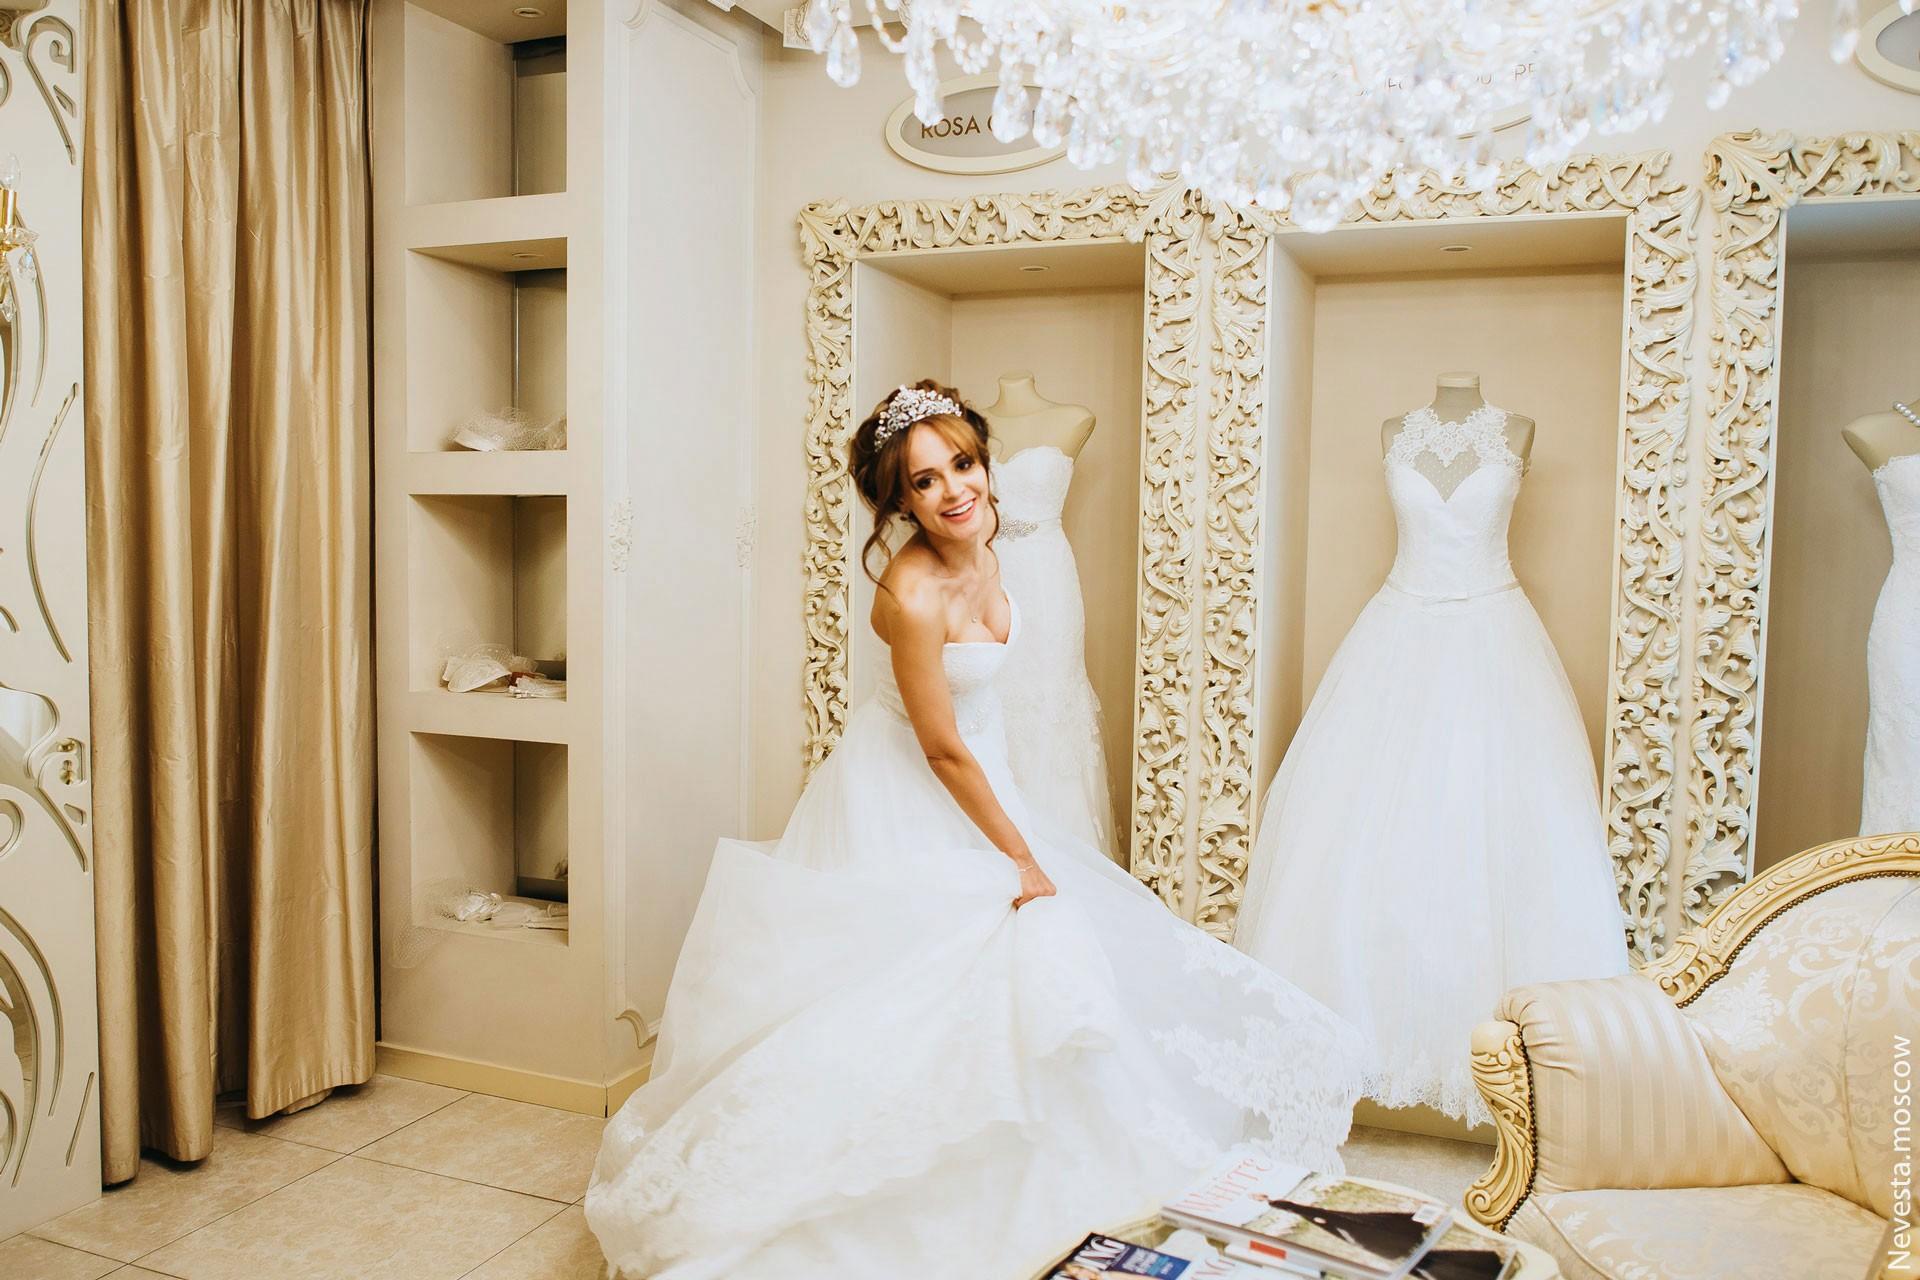 Анна Калашникова выбирает образ для своей свадьбы фото 41